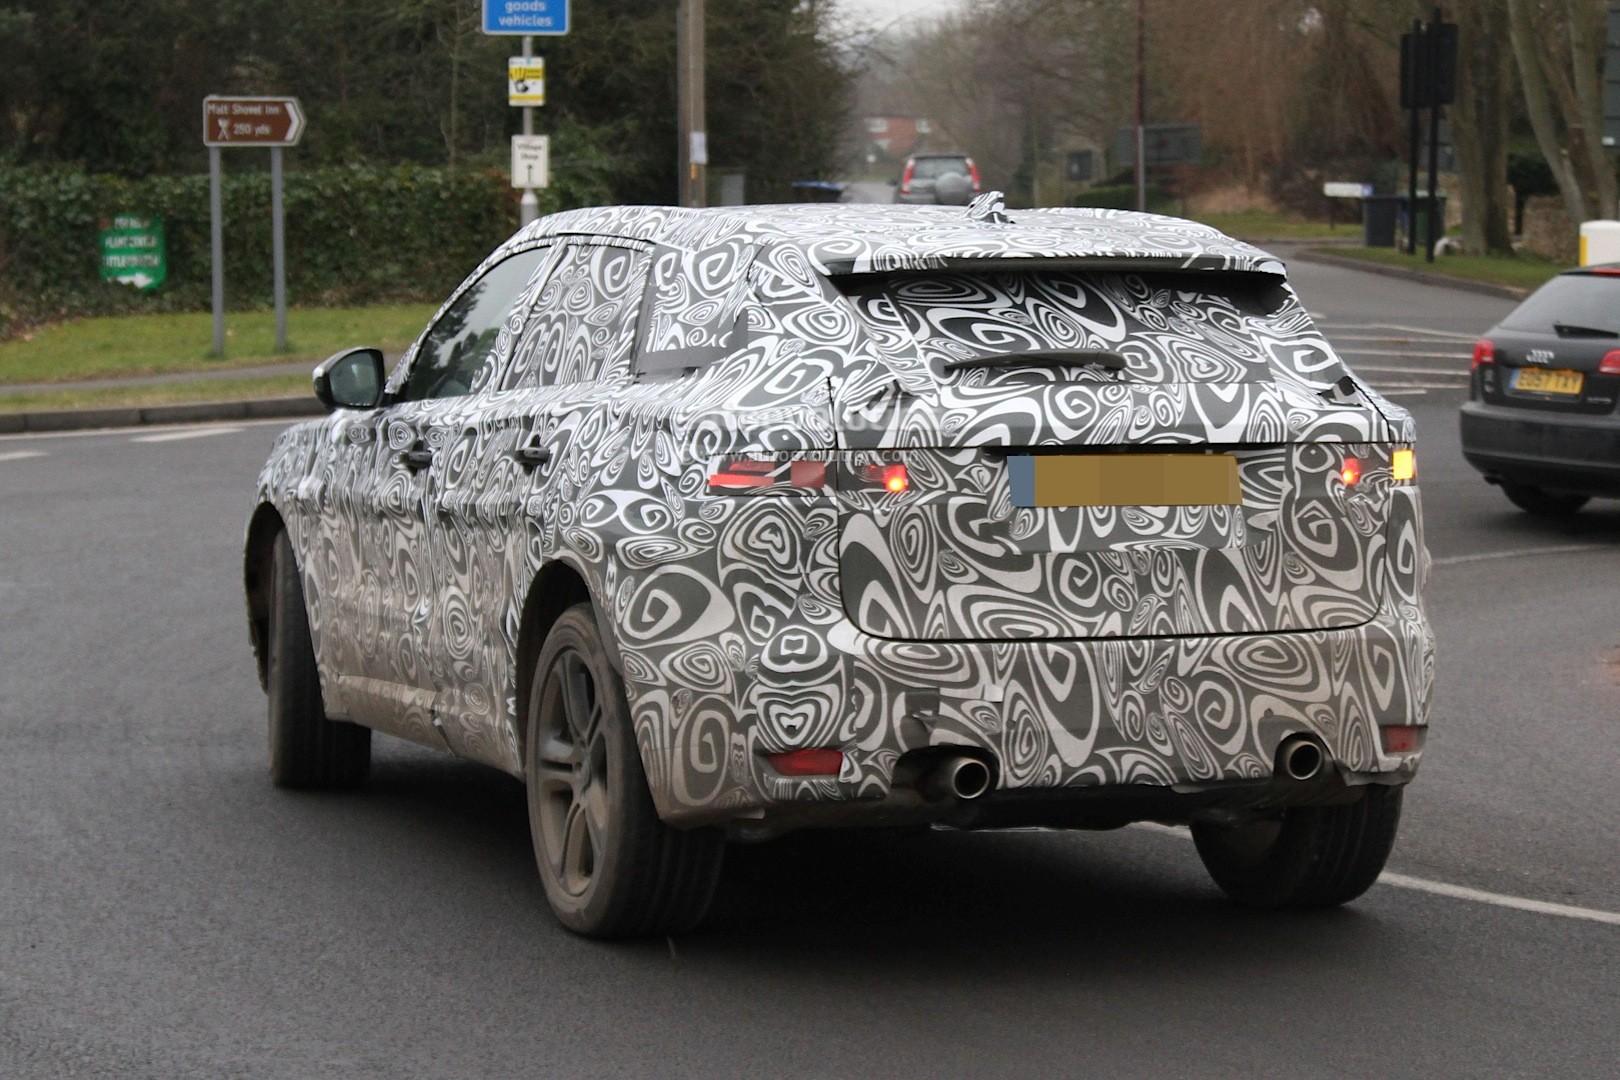 Jaguar F Type R Exhaust >> Spyshots: 2016 Jaguar F-Pace Getting Supercharged 3-Liter V6 - autoevolution